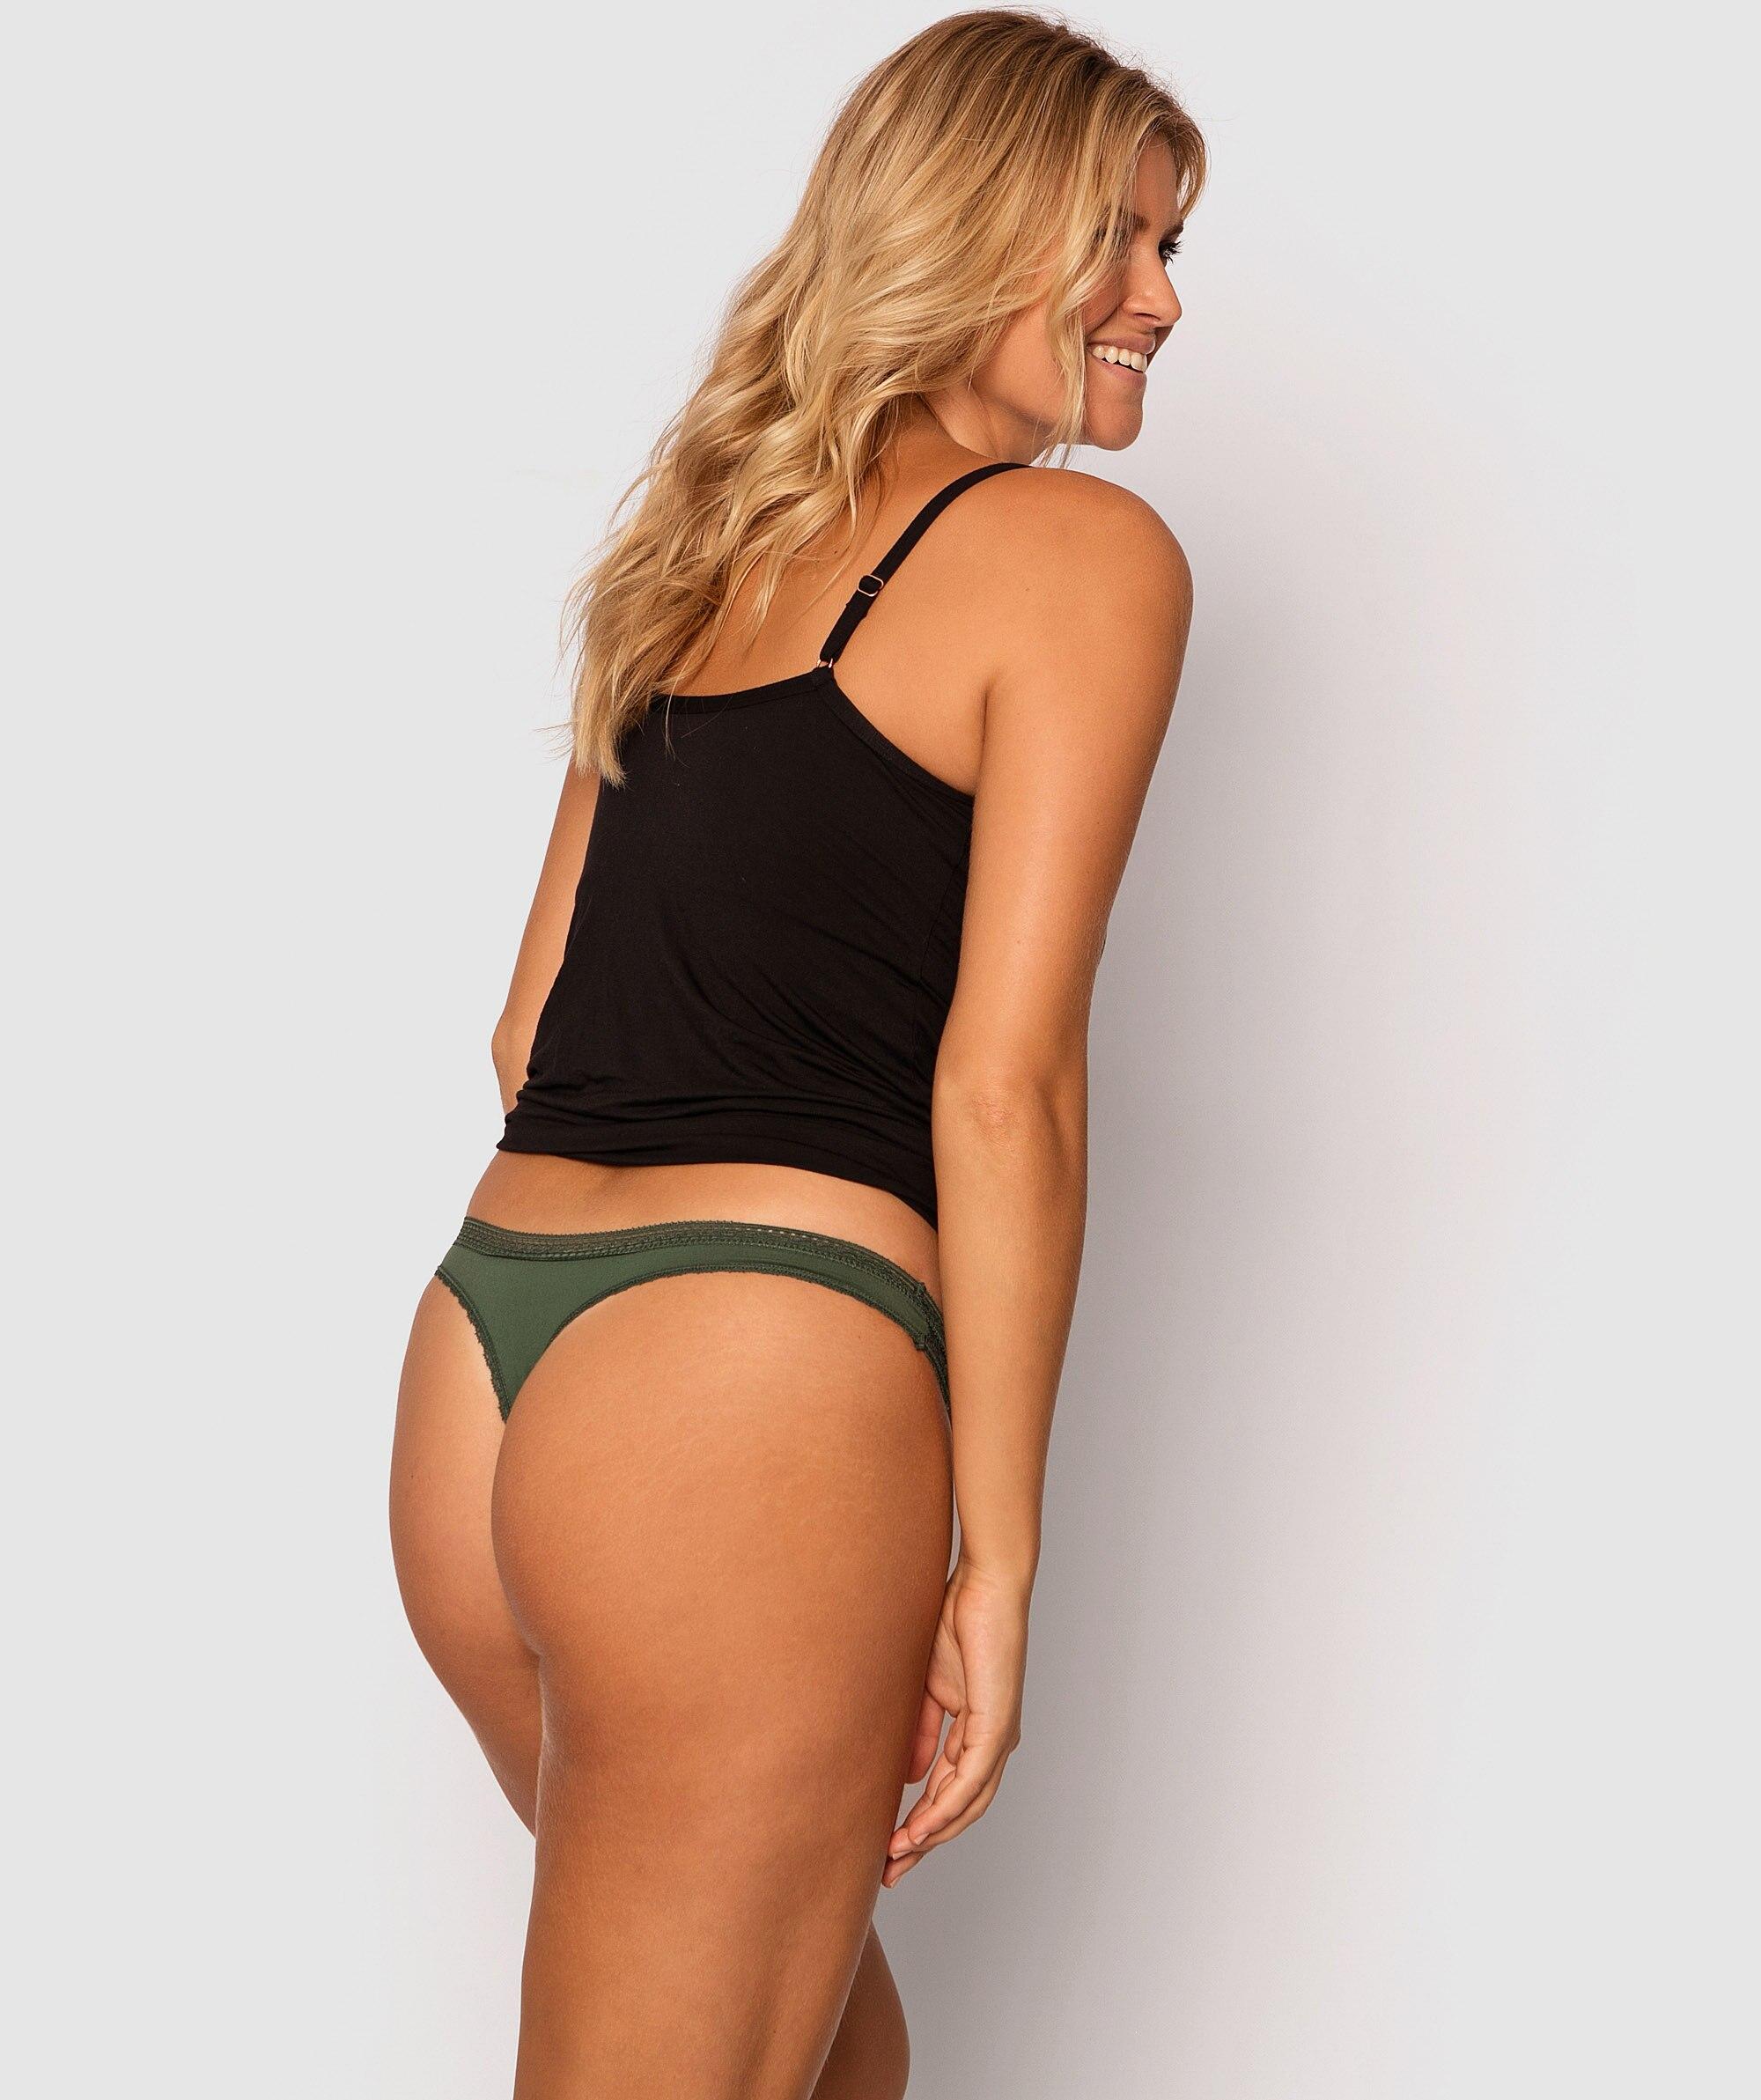 Ember V String Knicker - Dark Green